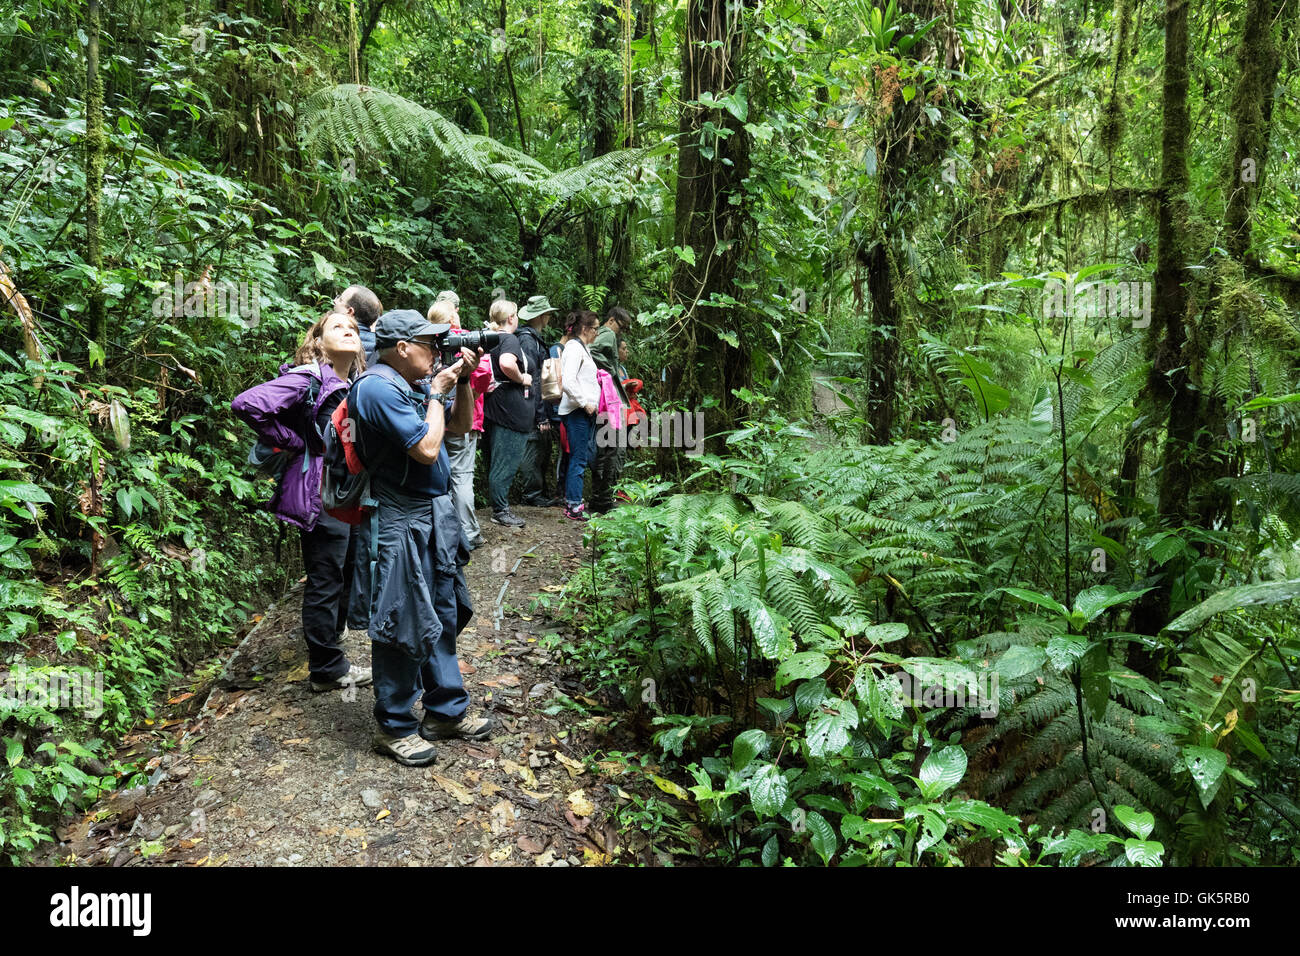 Reisegruppe, Monteverde Nebelwald Costa Rica Mittelamerika Stockbild